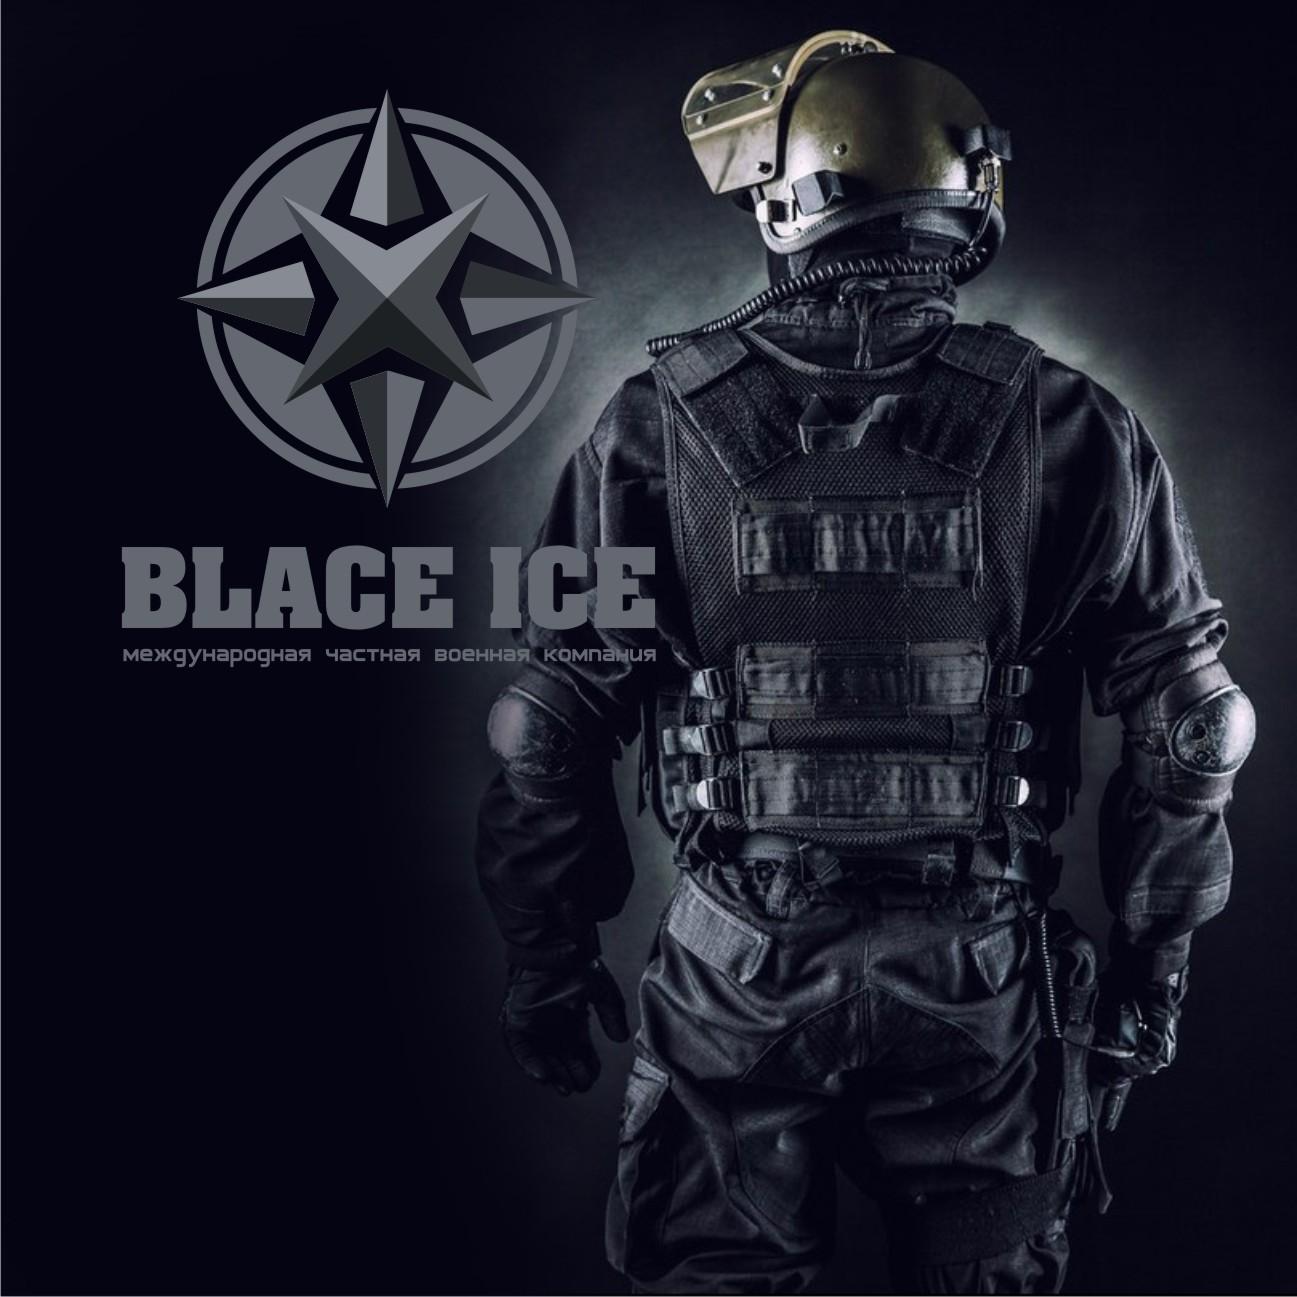 """Логотип + Фирменный стиль для компании """"BLACK ICE"""" фото f_16356eb881ddcdec.jpg"""